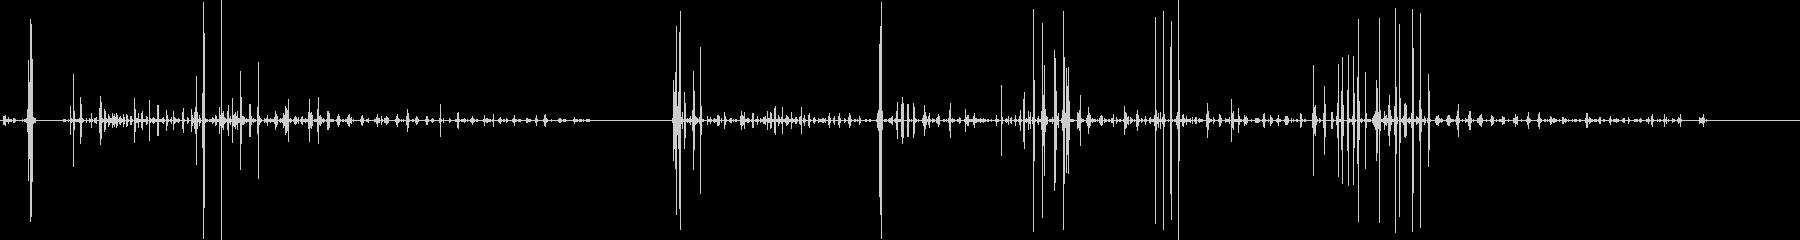 食べる-噛む-動物-人工-3バージョン4の未再生の波形